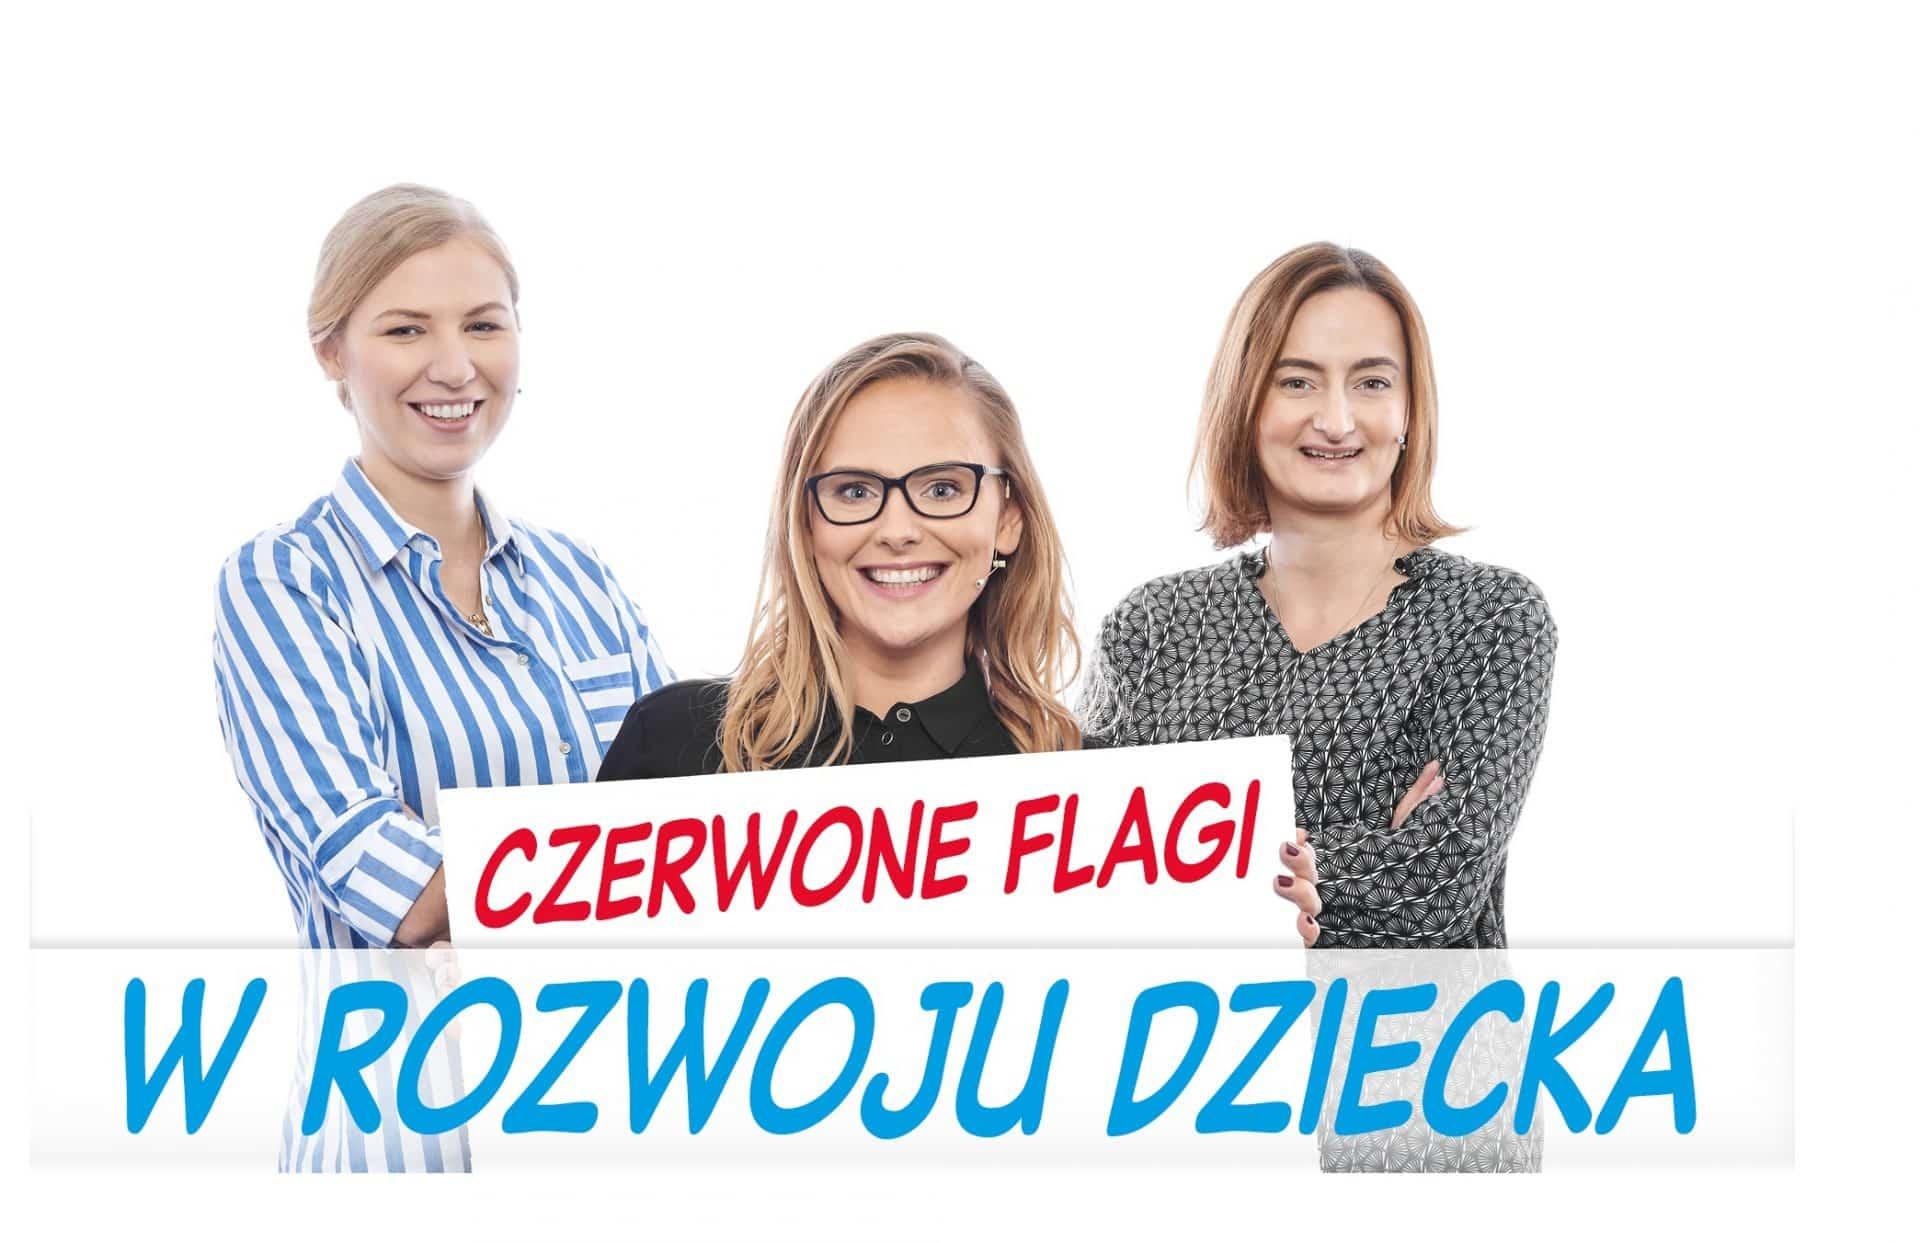 Czerwone flagi w rozwoju dziecka